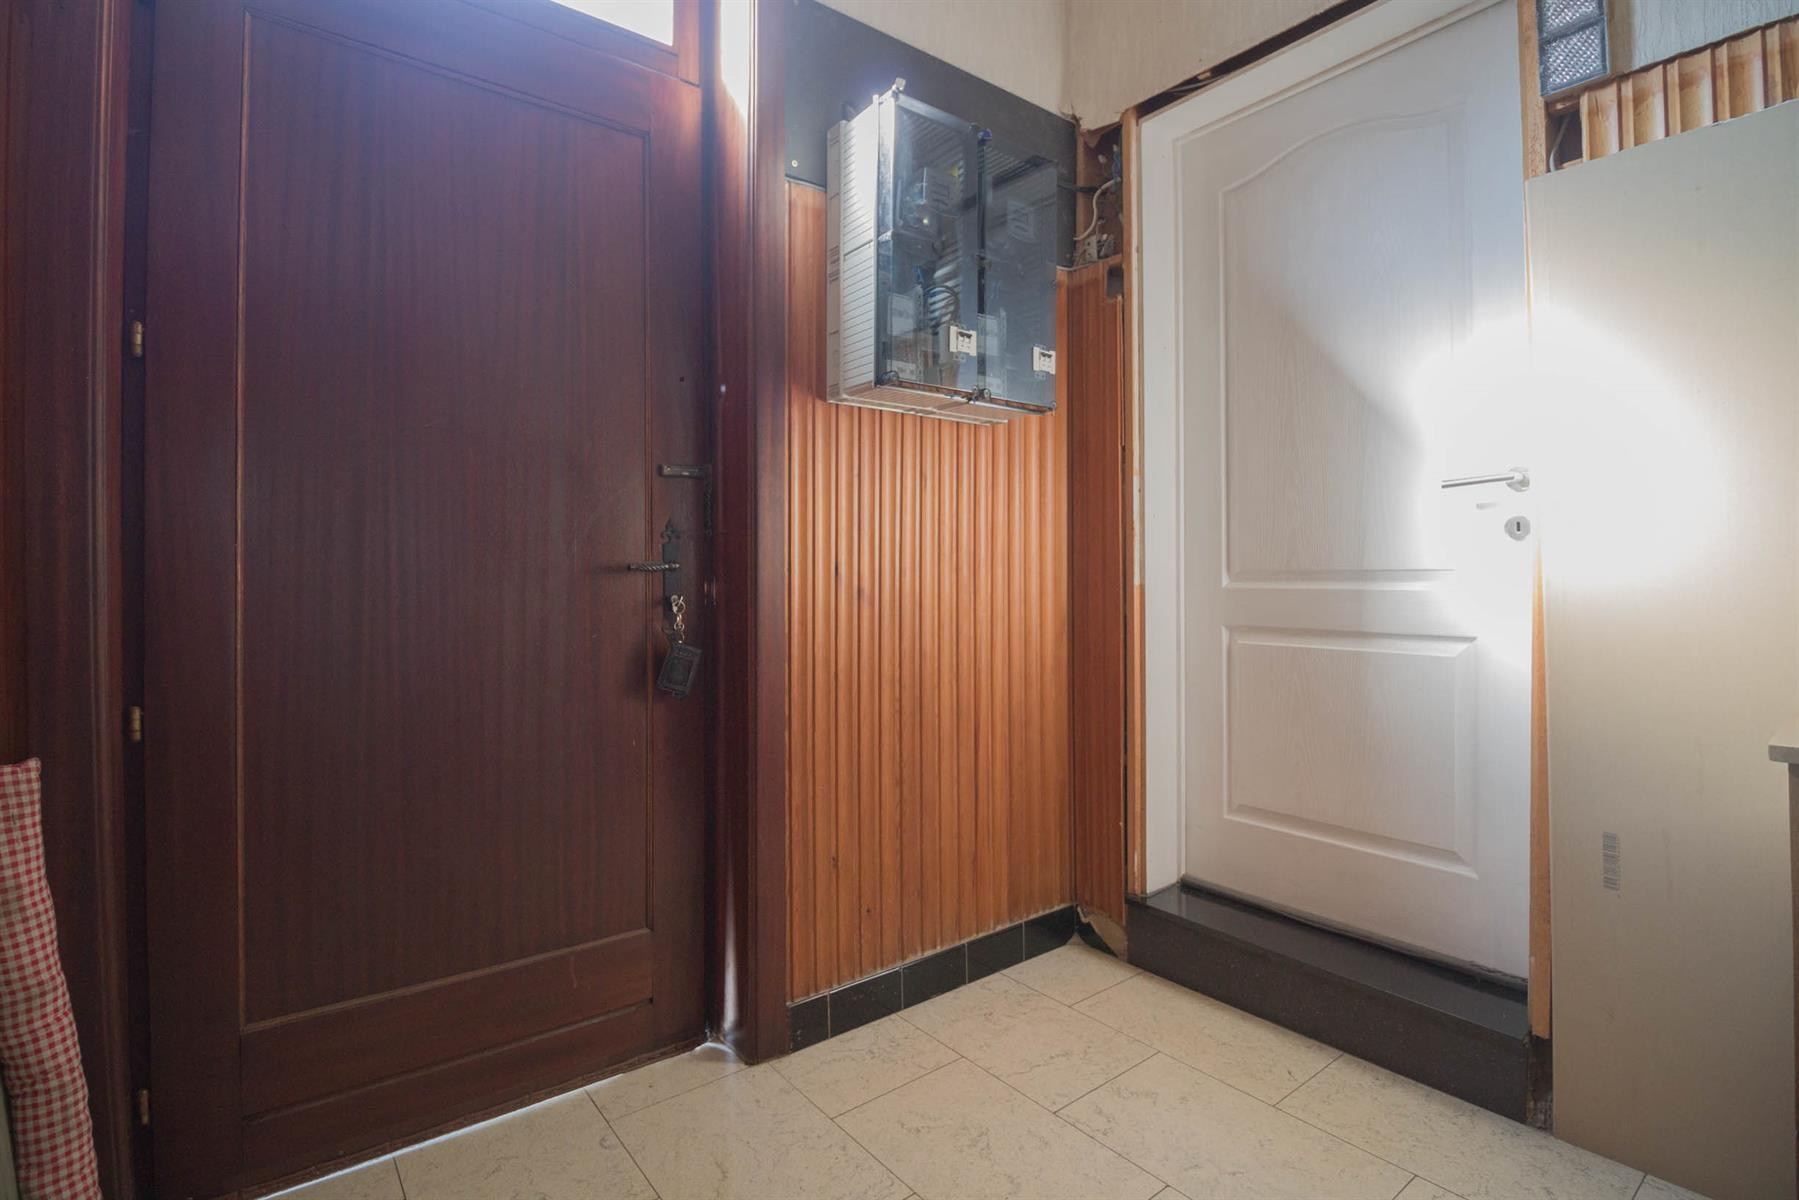 Maison - Forchies-la-Marche - #4397250-1